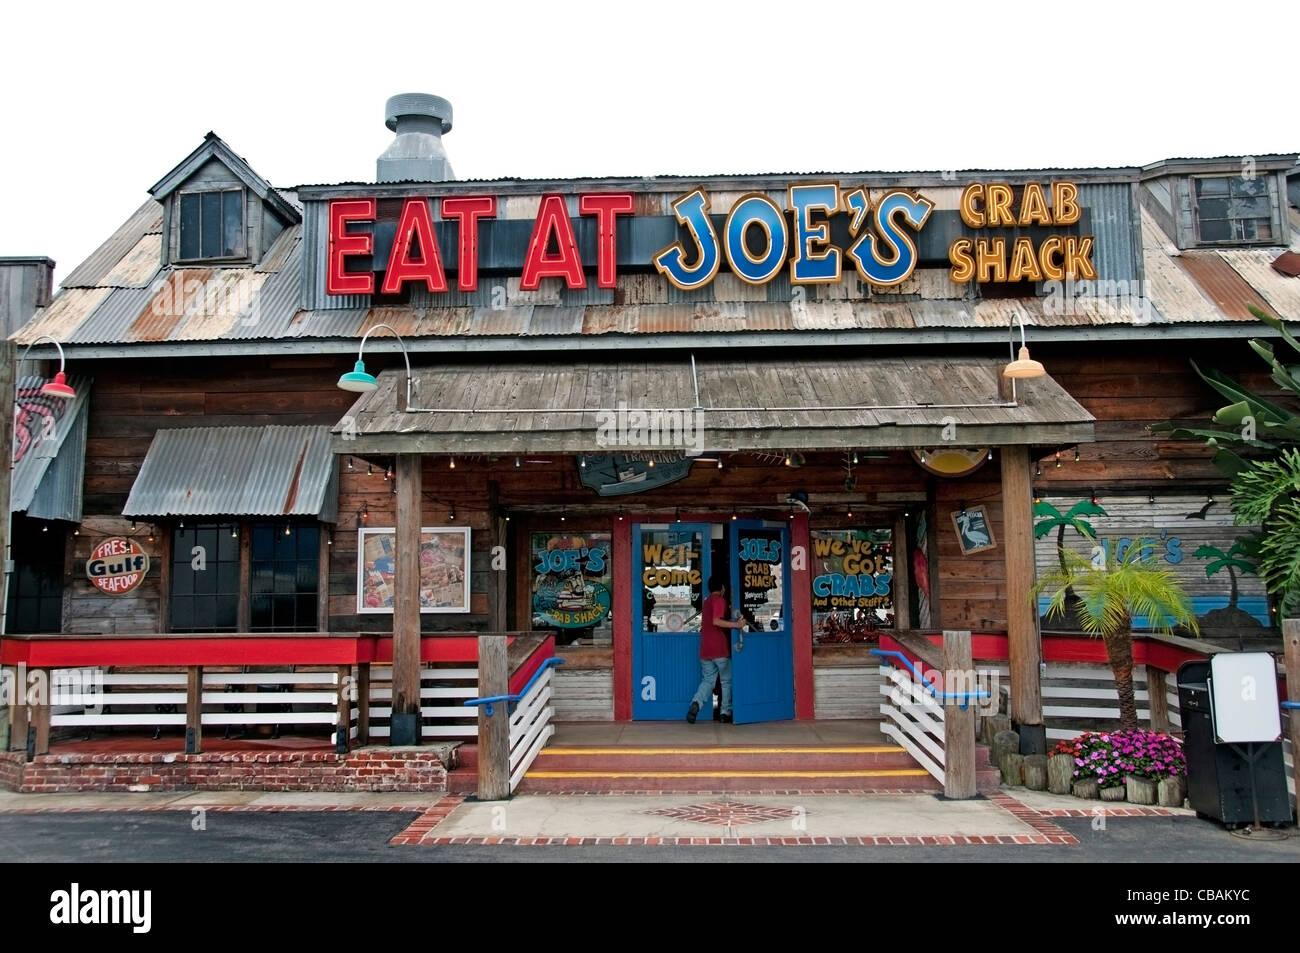 Eat at Joe's Crab Shack Long Beach California United States - Stock Image